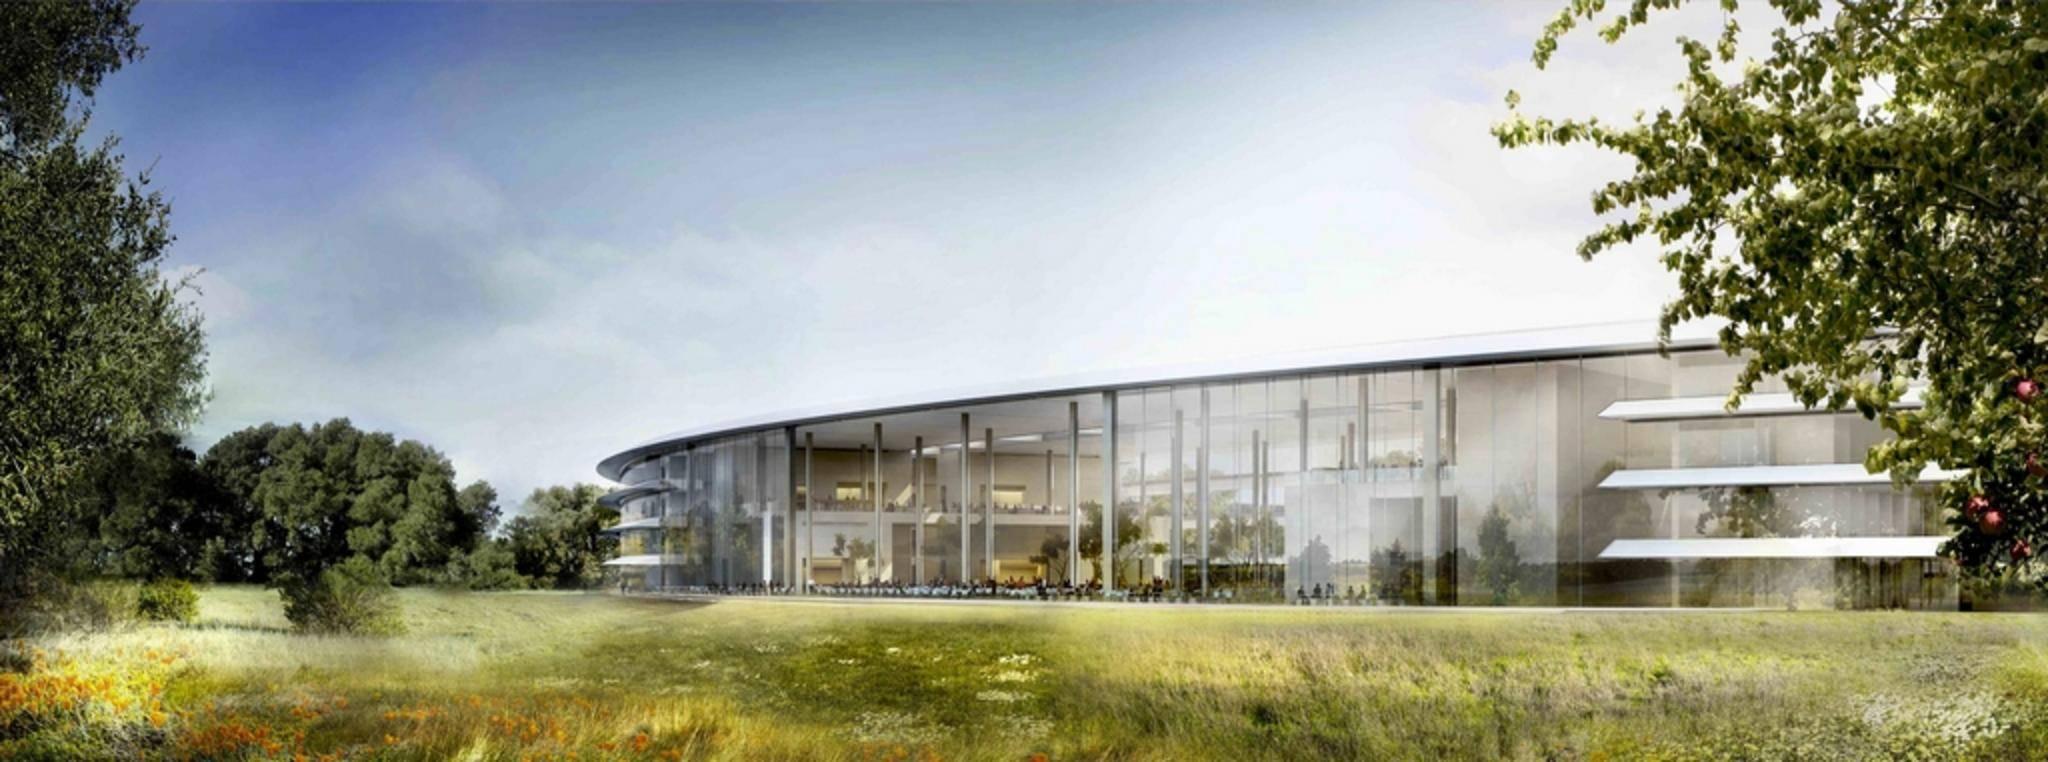 Der neue Apple-Campus: Welches geheime Satellitenprojekt wird hier geplant?